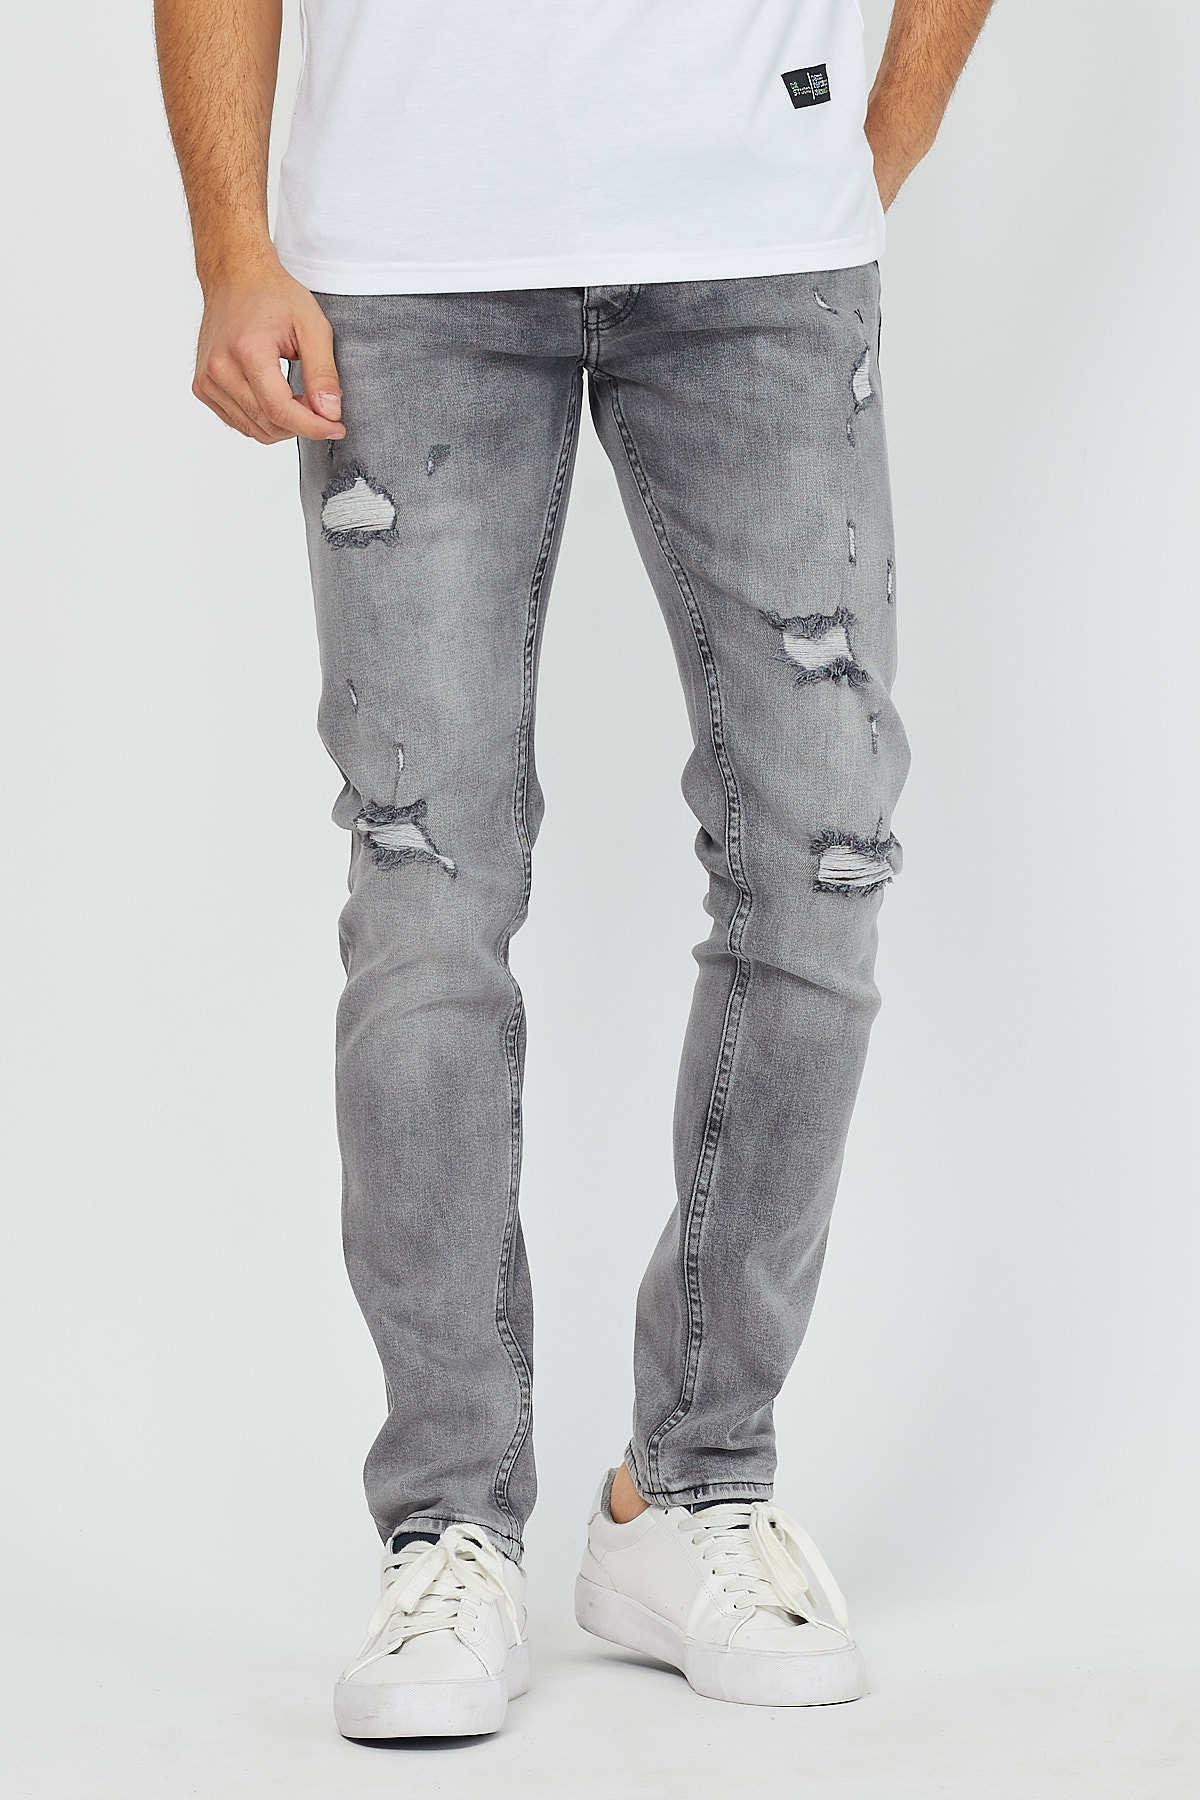 Denim republic cinza rasgado jeans dos homens buraco denim calças casuais verão outono masculino magro